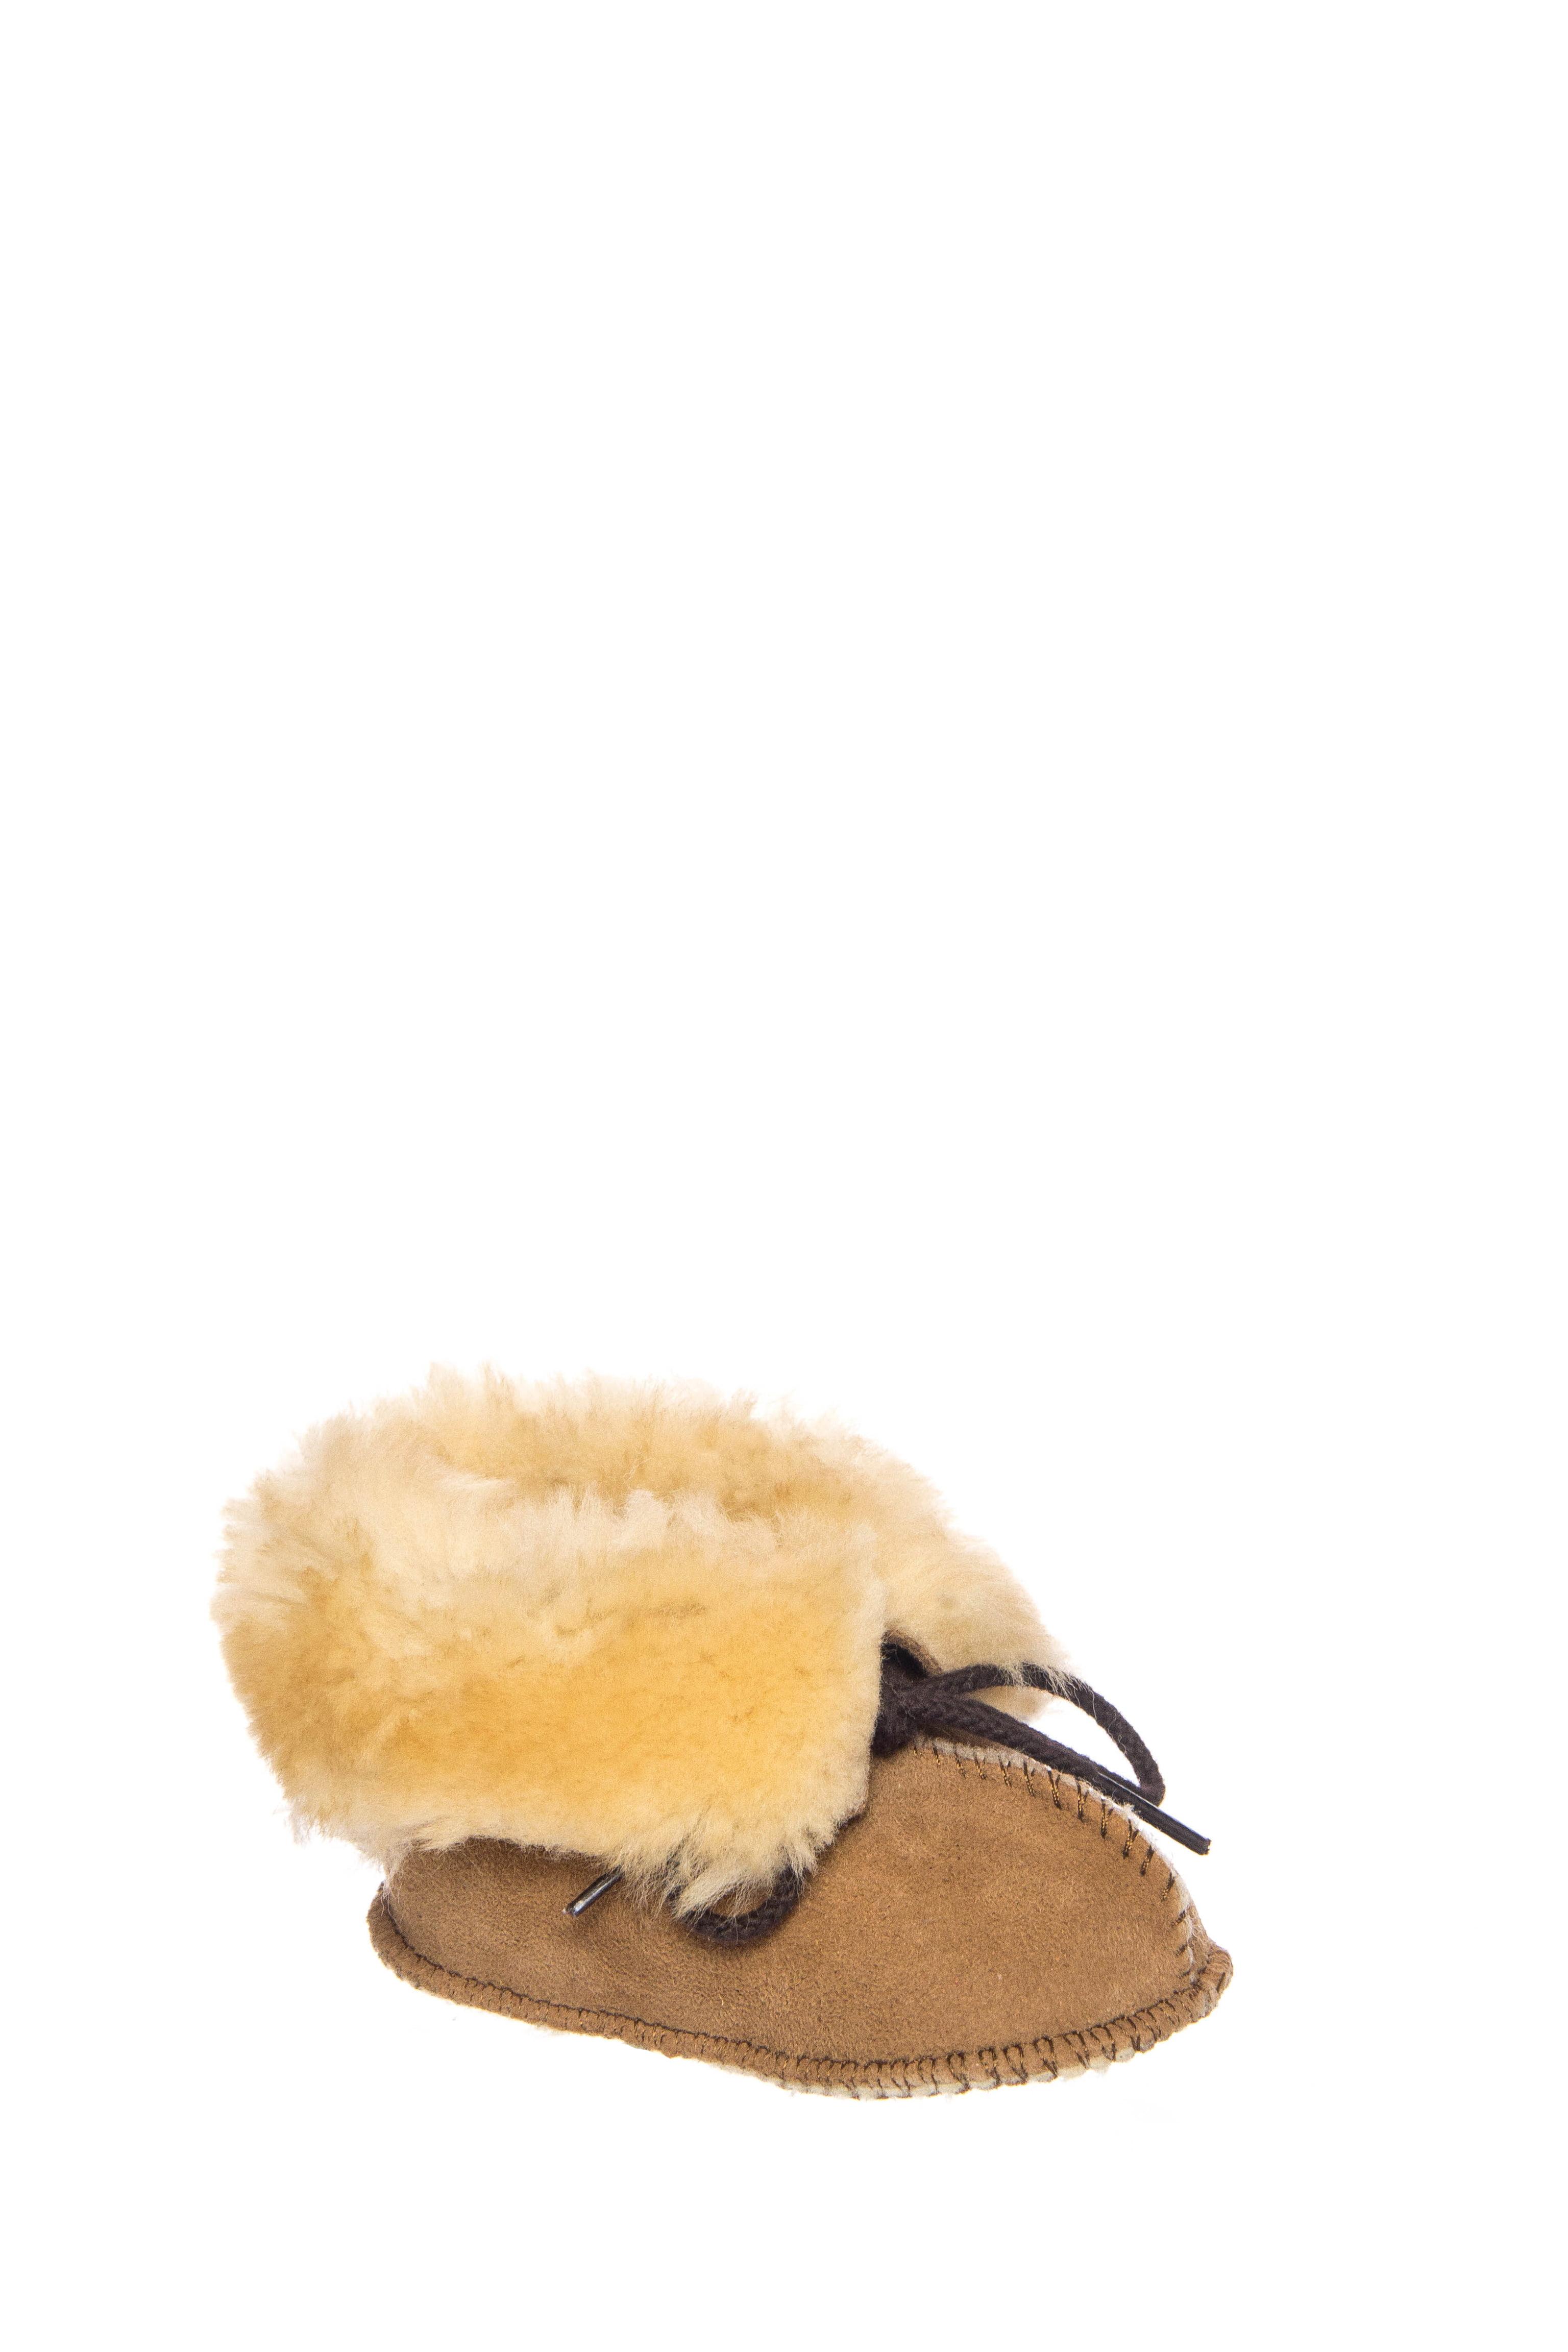 Minnetonka Infant's Sheepskin Bootie Golden Tan by MINNETONKA